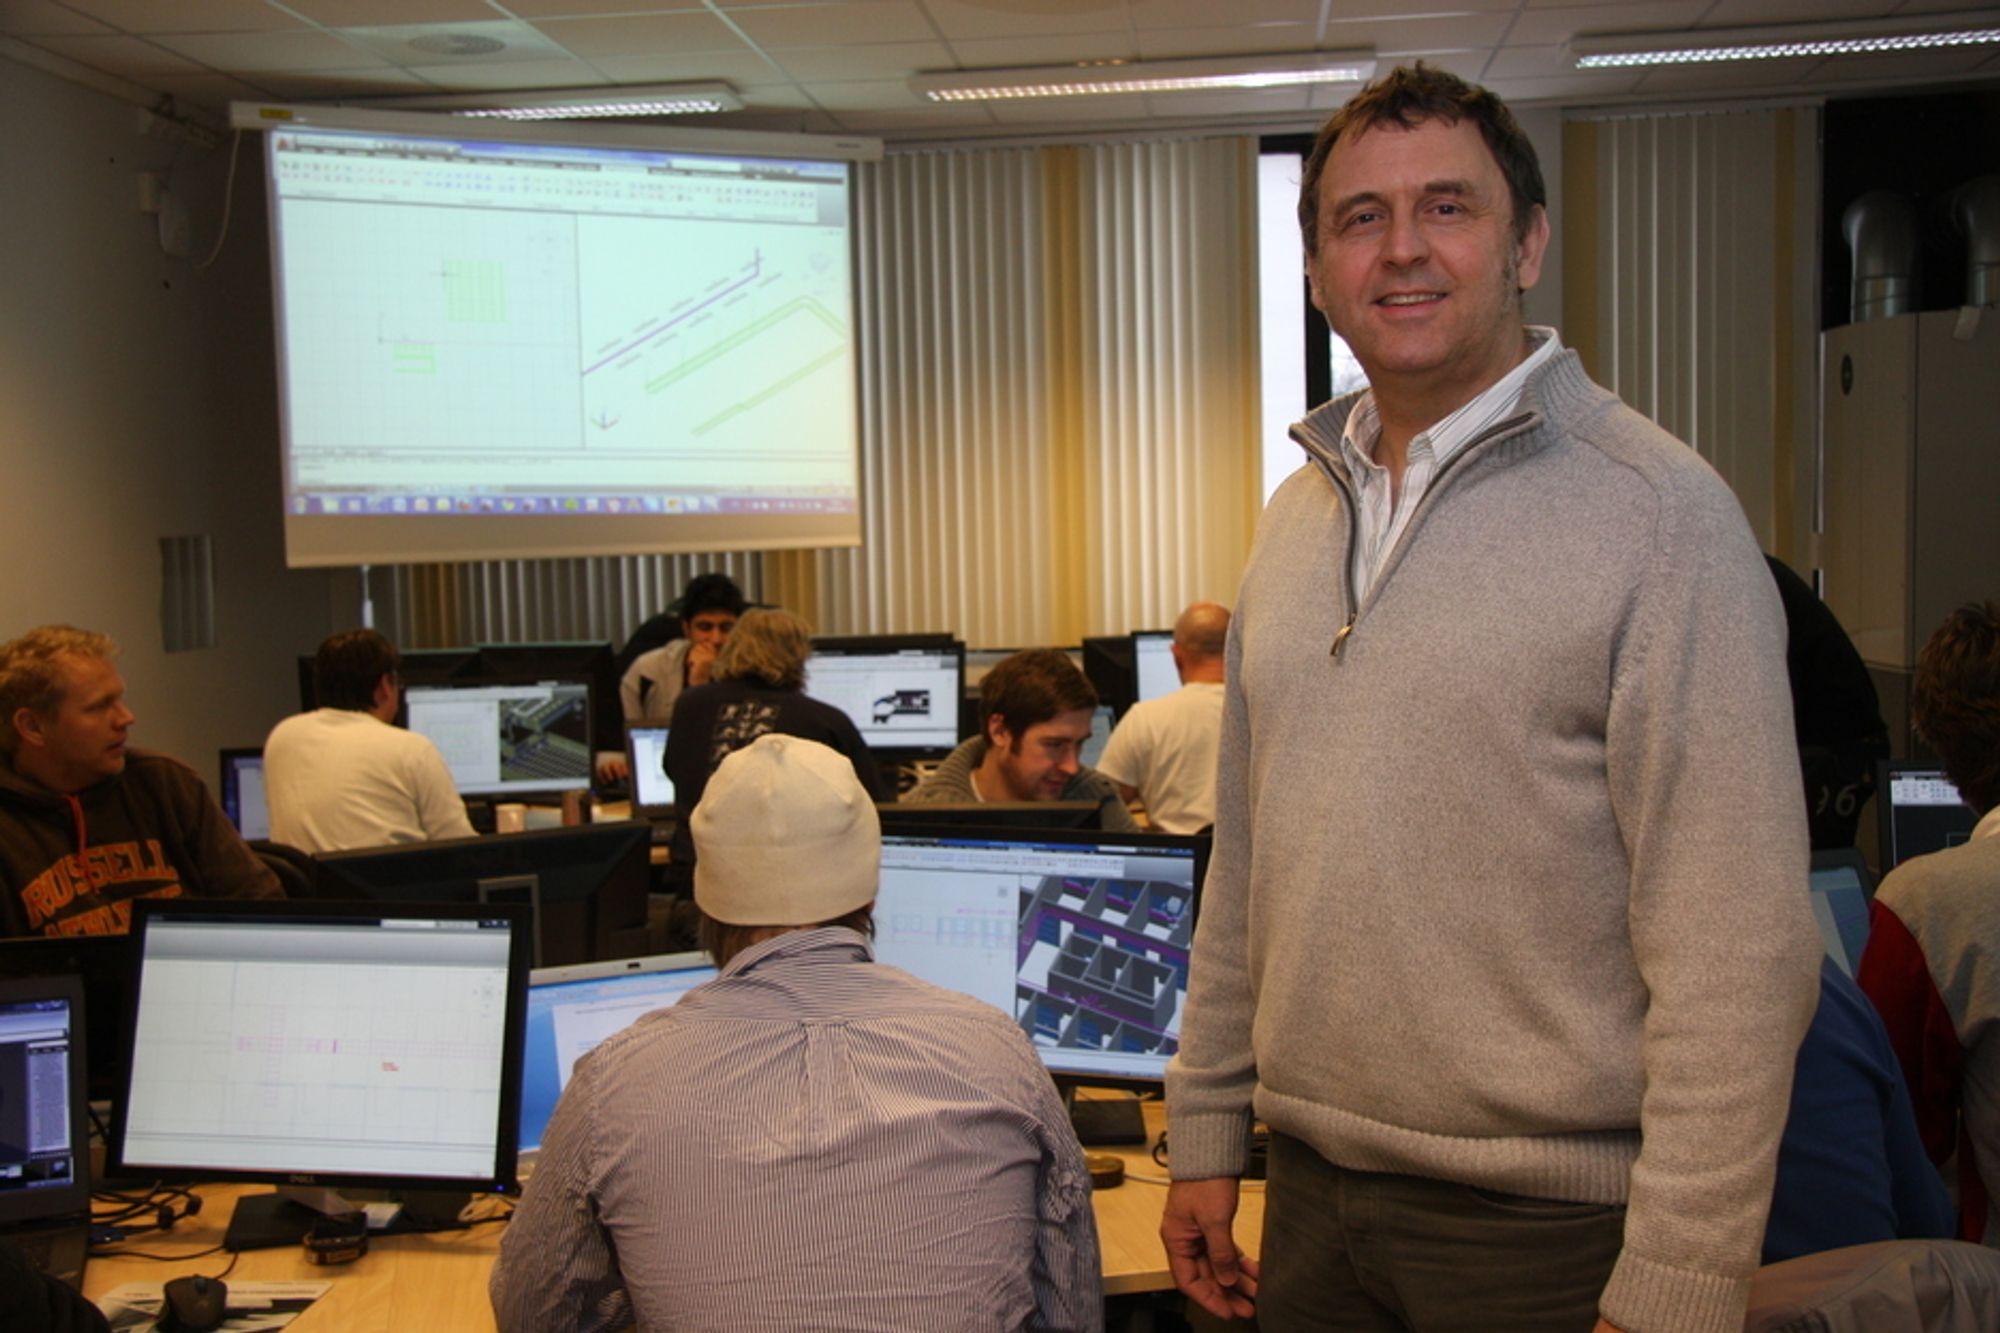 ØKER: Teamleder for BIM-utdanningen ved Fagskolen i Oslo,  Ingold Sundfør, i den ene av to klasser som nå er i ferd med å fullføre utdanningen som BIM-tekniker.